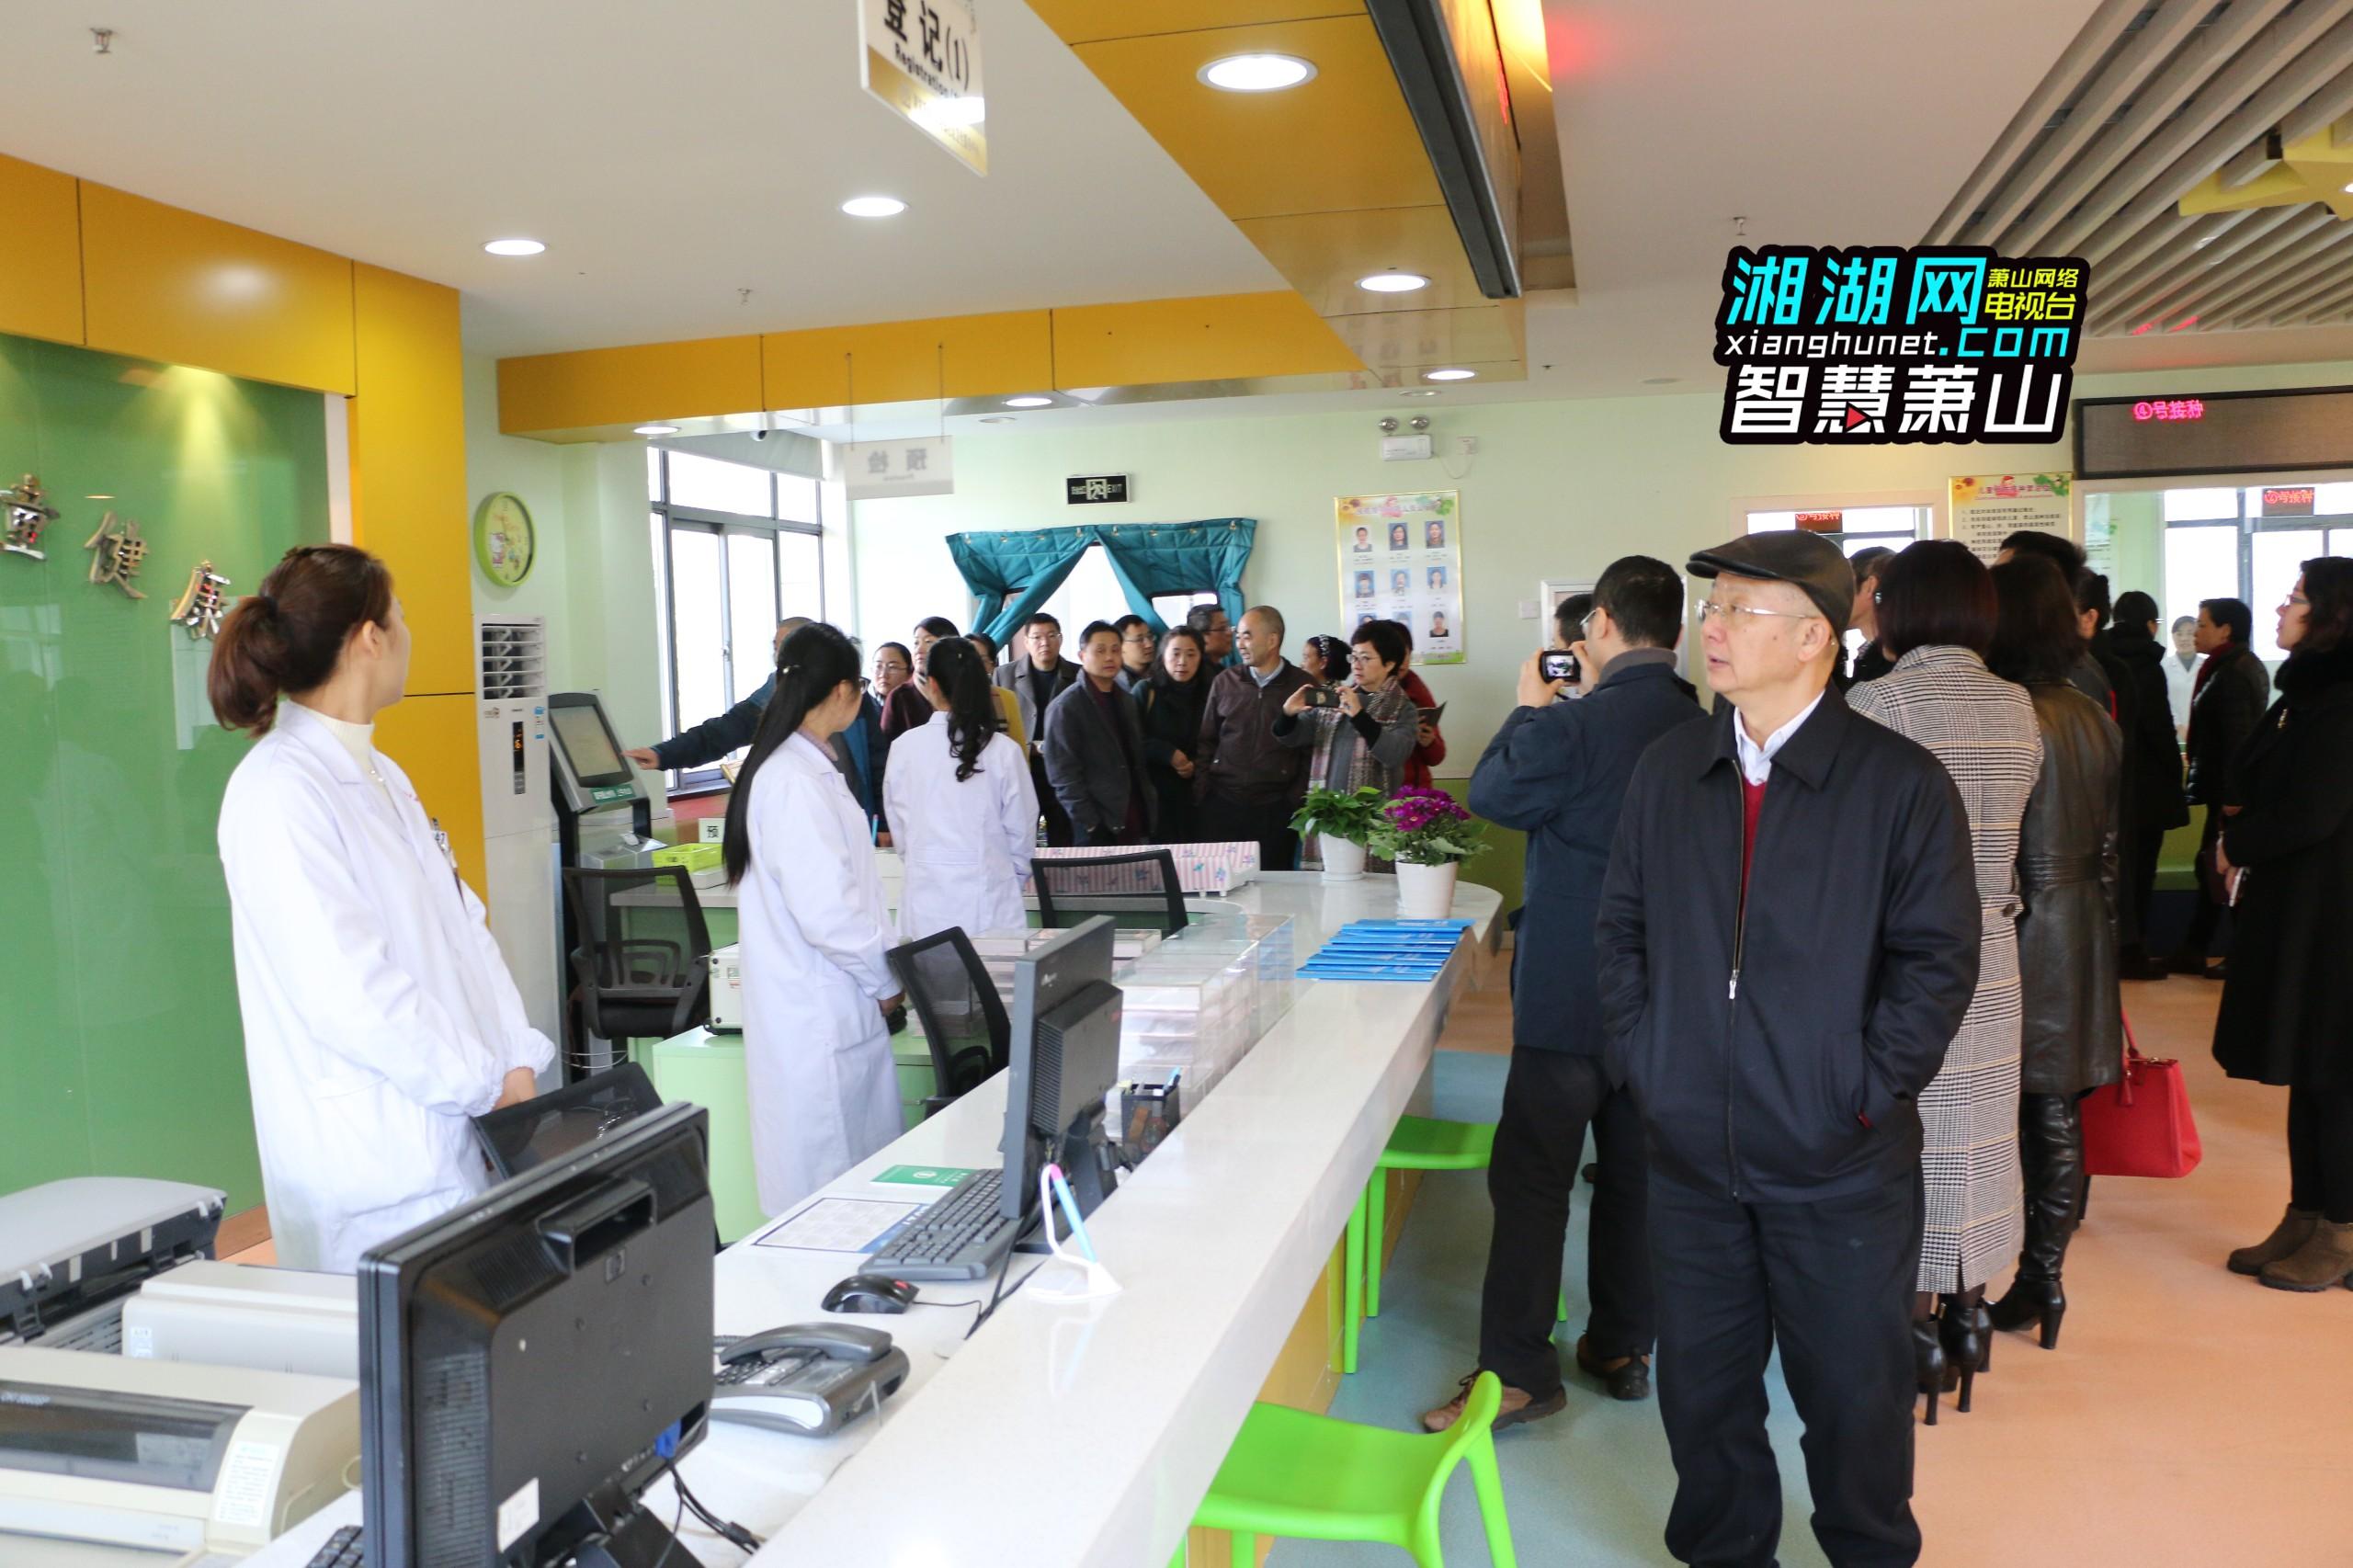 中心主任黄建文表示,闻堰街道社区卫生服务中心预防